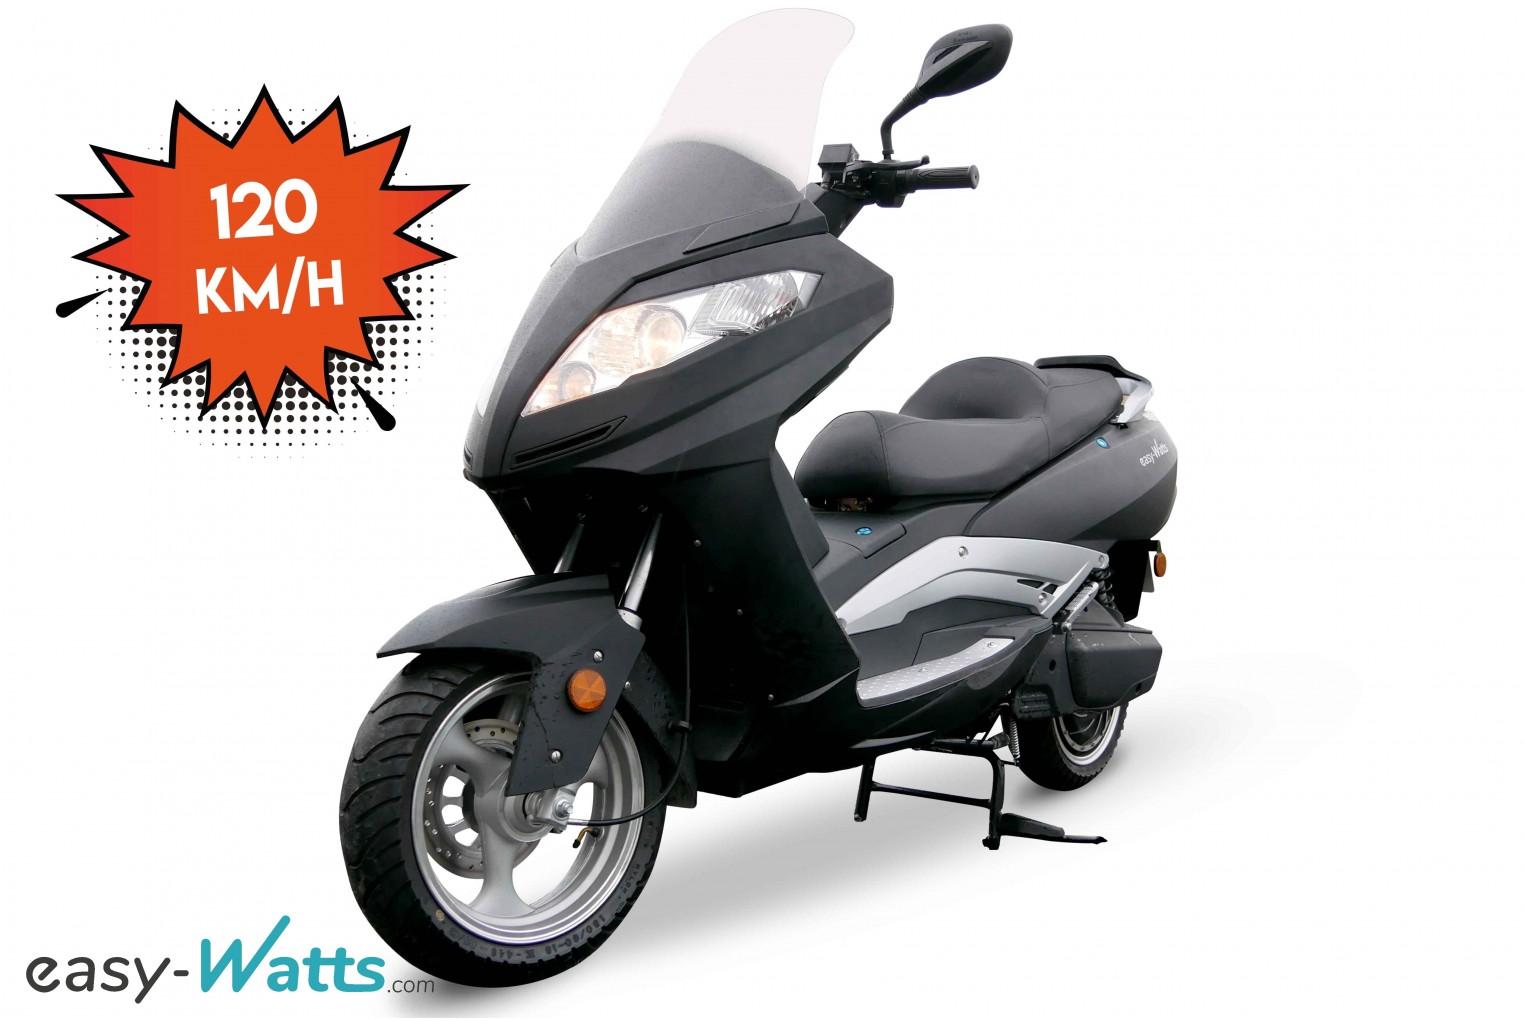 Maxi Scooter Electrique E Jet De 9000 Watts